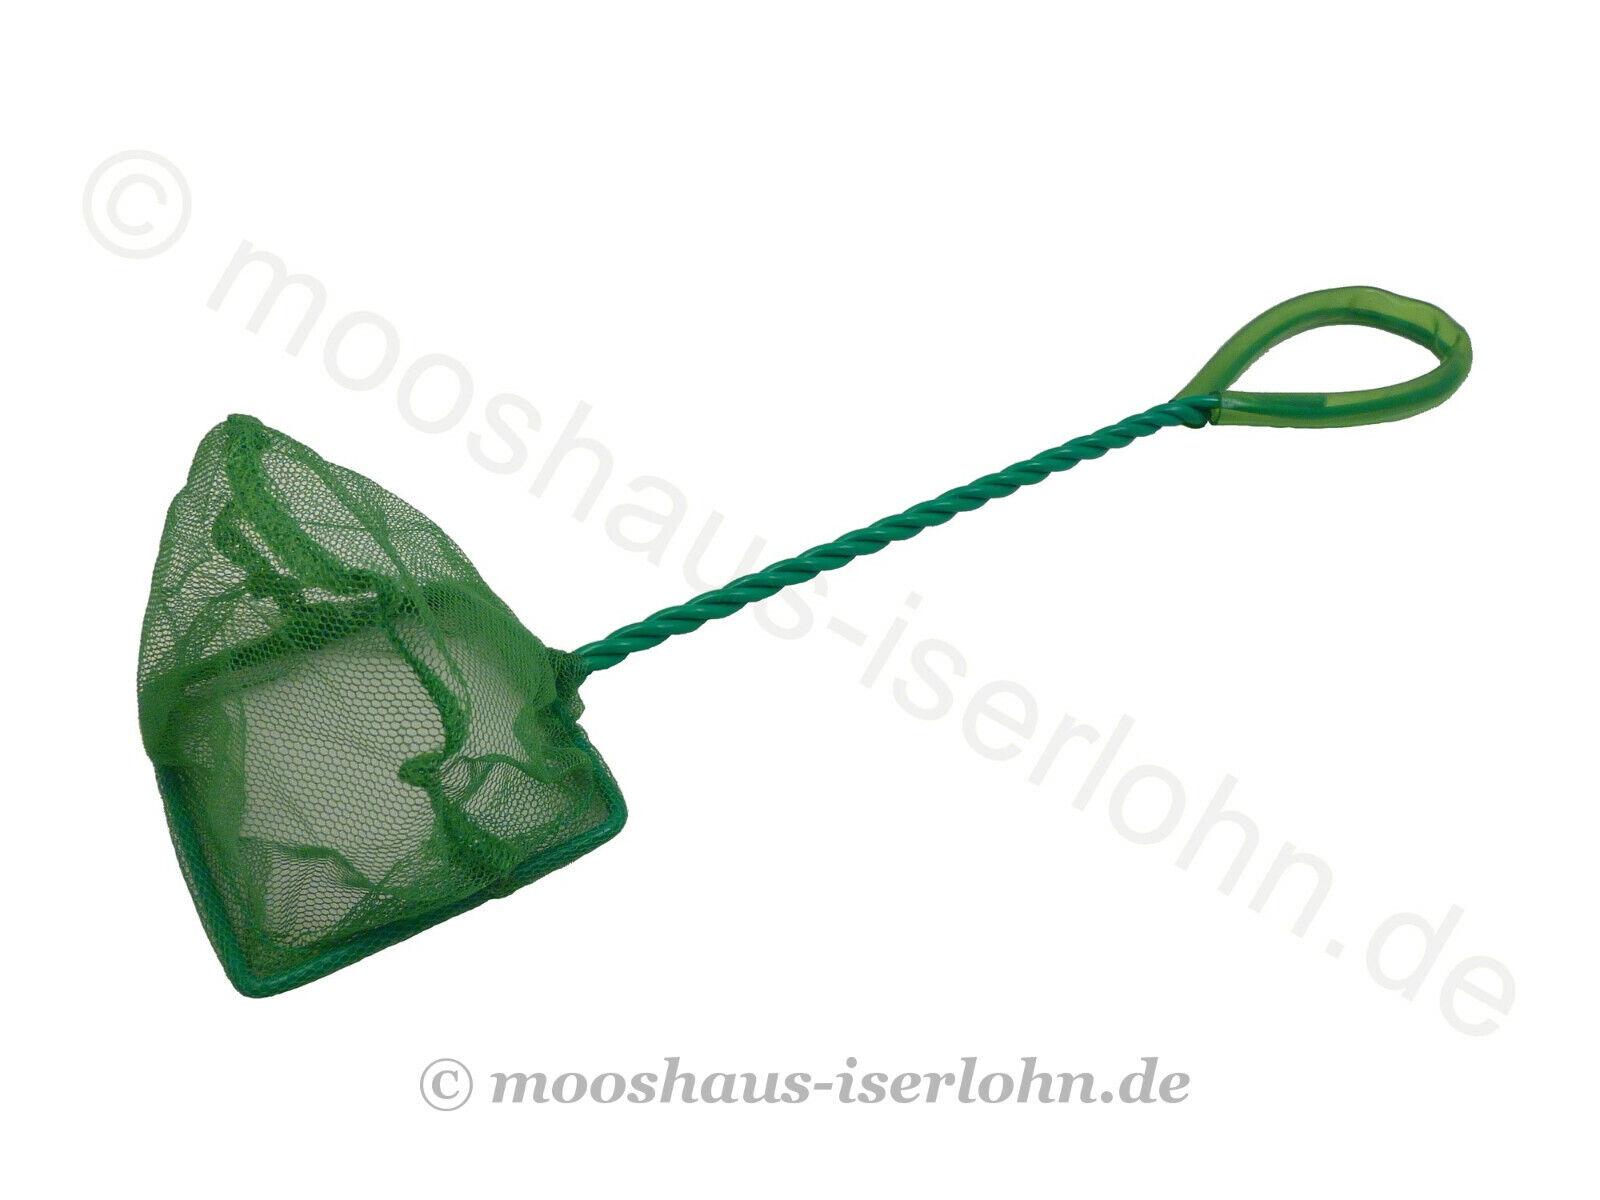 Fischfangnetz grün fein 8 x 6cm Aquarium Kescher Nano Garnelenkescher